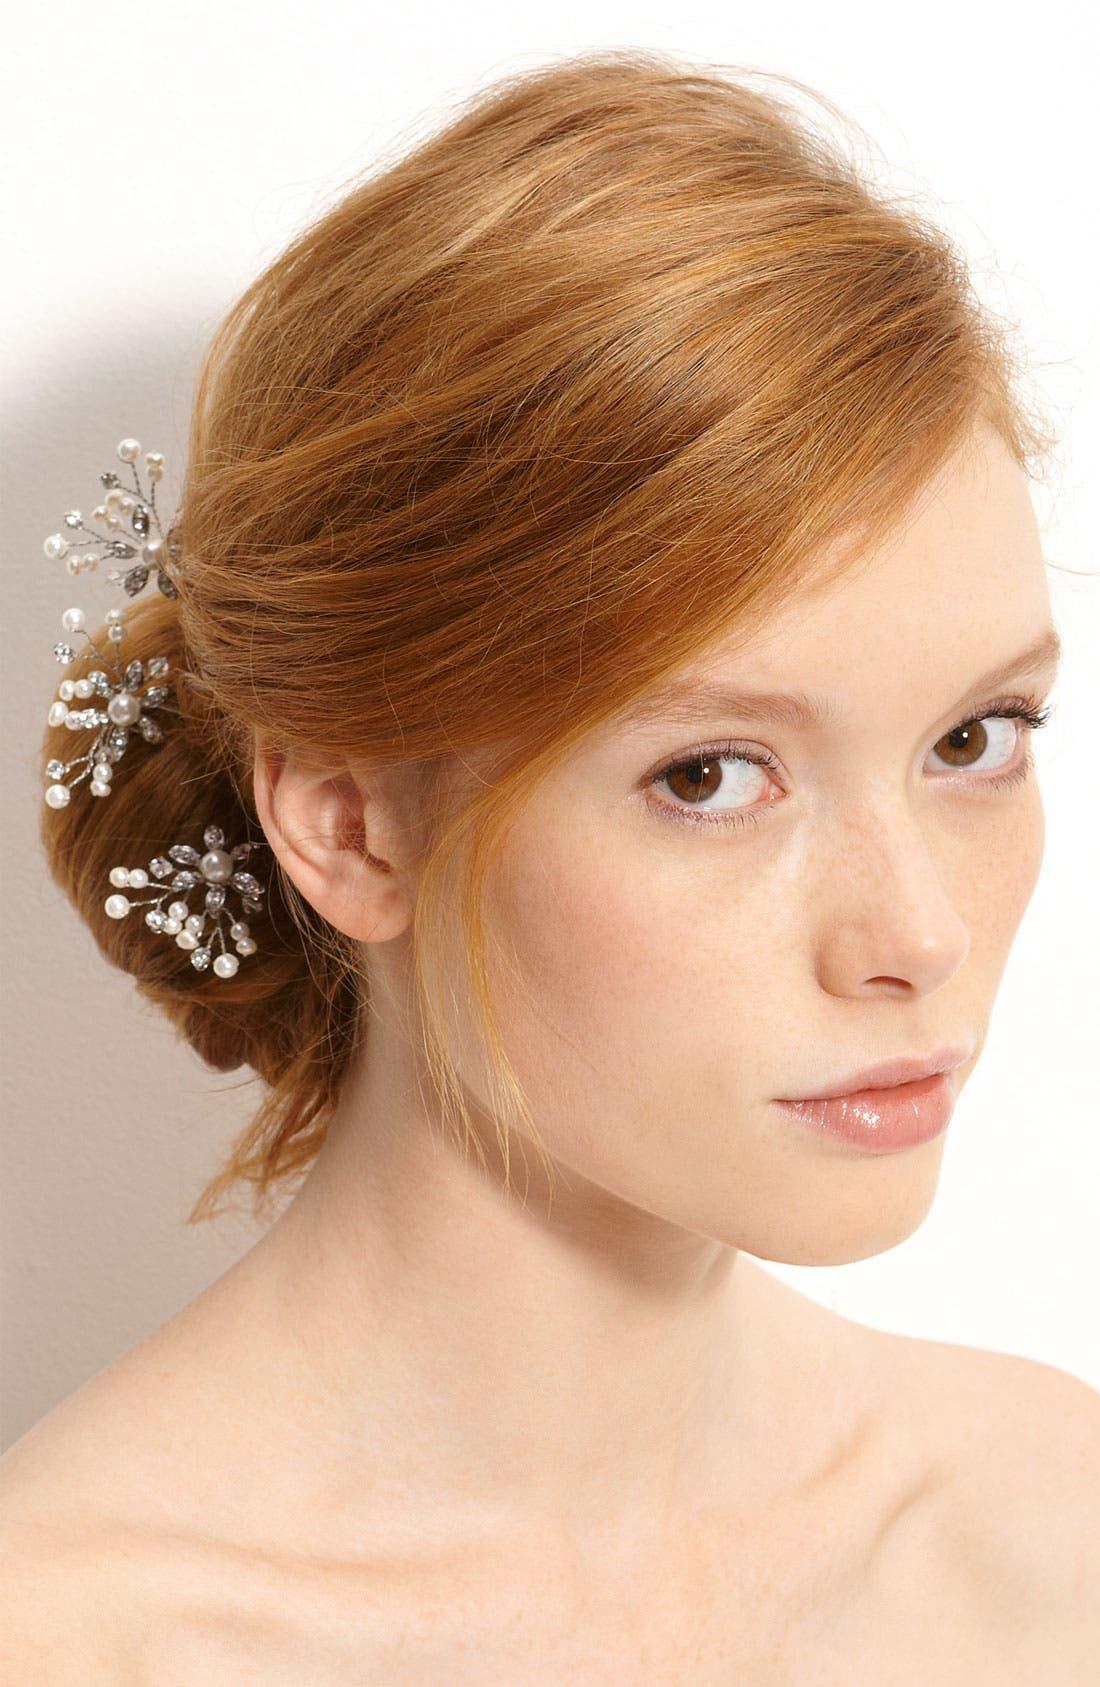 'Mercia' Swarovski Crystal & Freshwater Pearl Hairpins,                             Main thumbnail 1, color,                             100